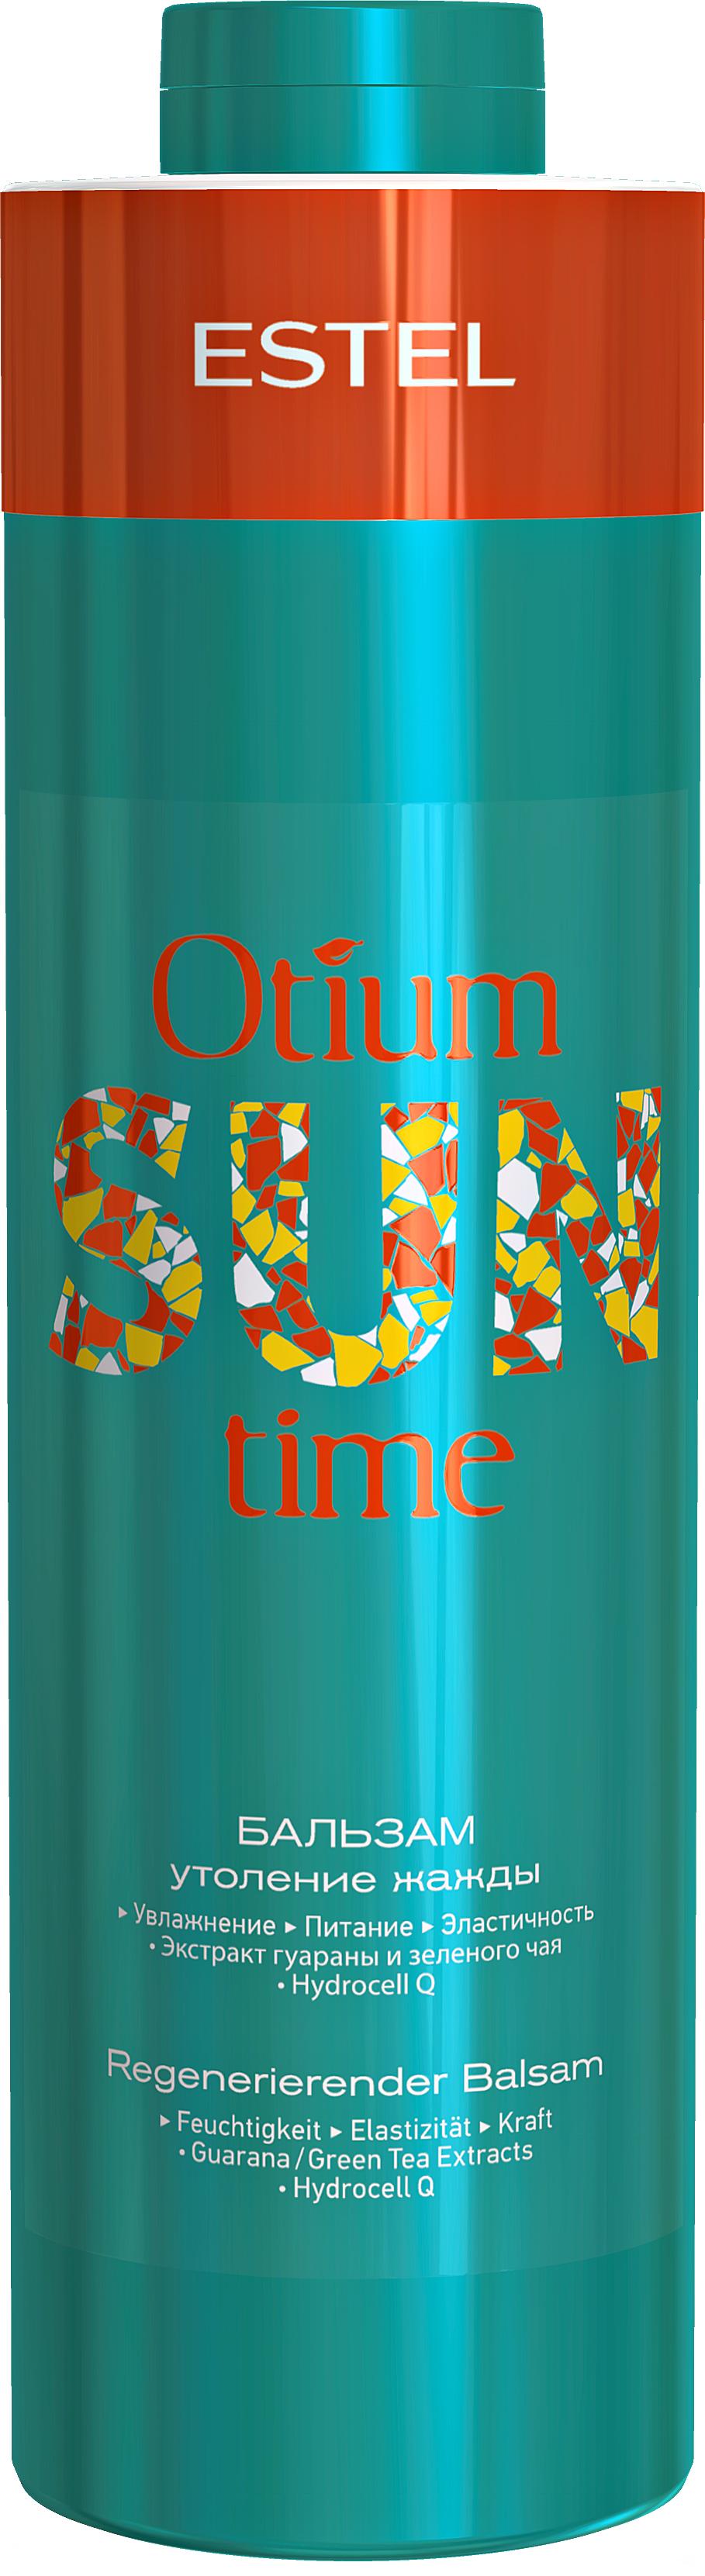 ESTEL PROFESSIONAL Бальзам Утоление жажды / OTIUM SUN TIME 1000мл